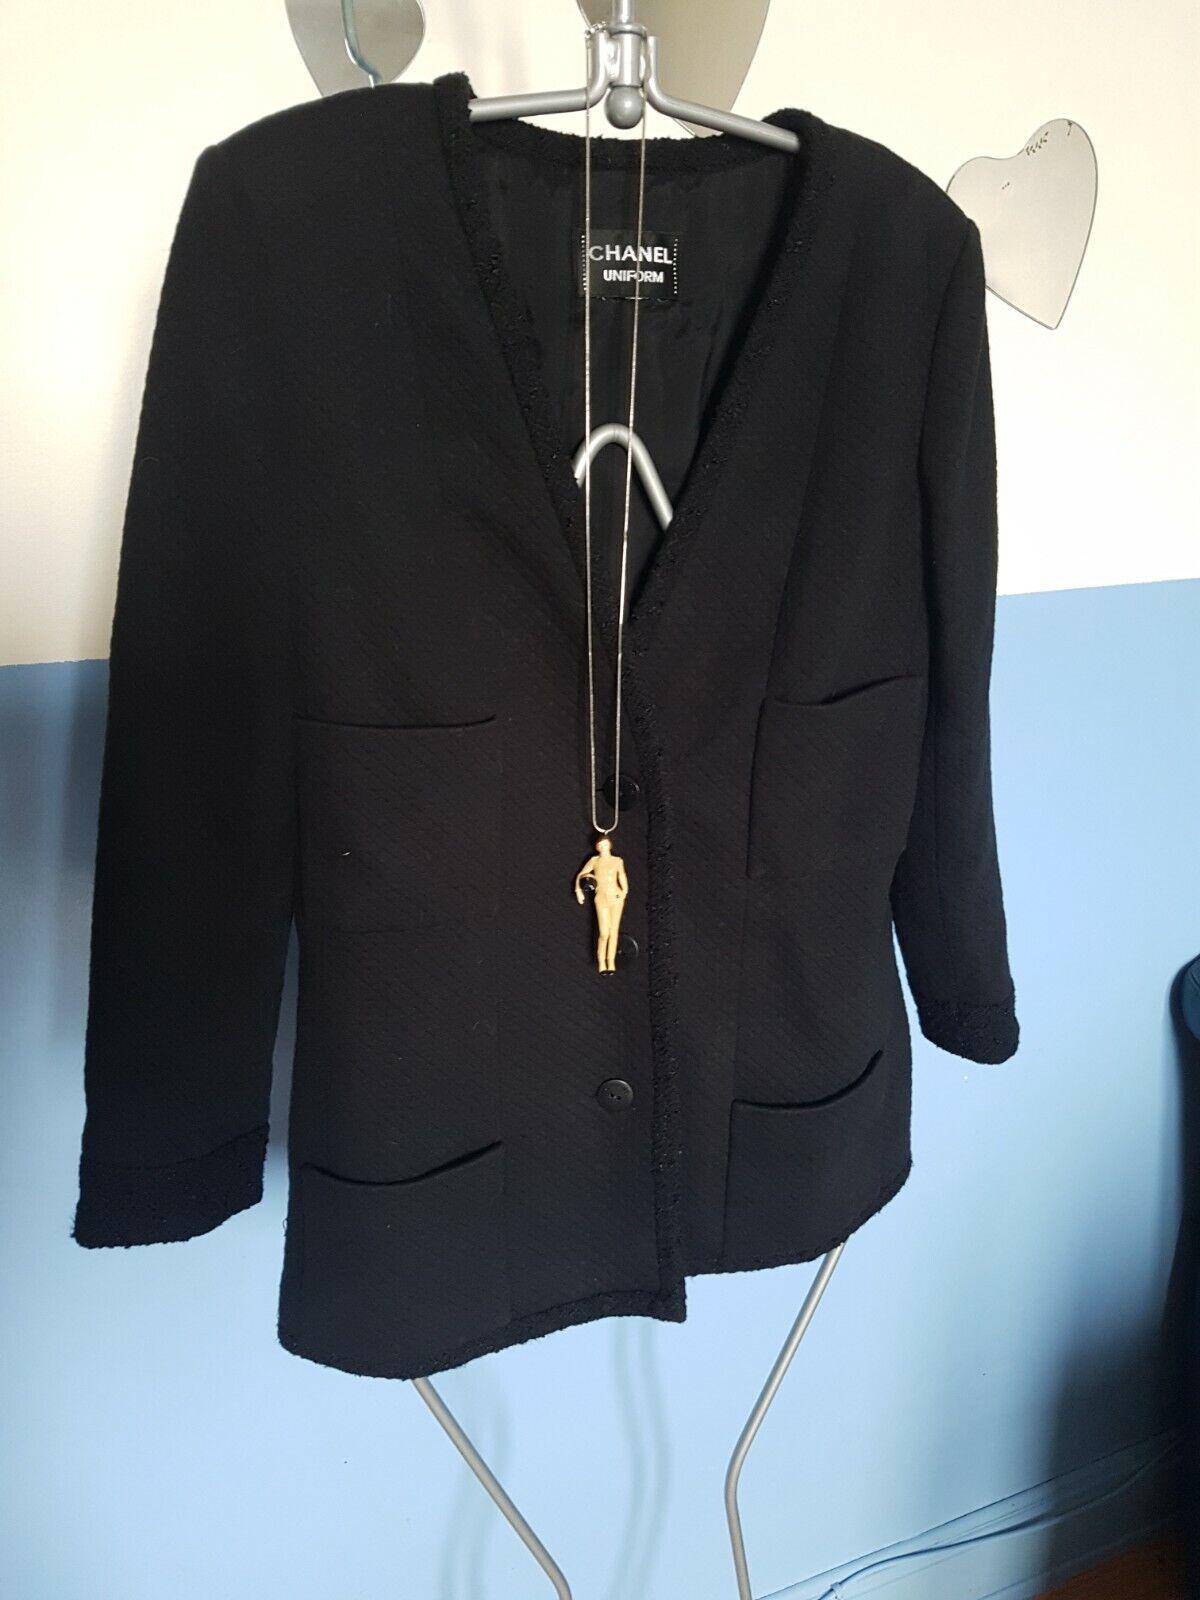 Authentique et superbe veste/gilet chanel /  taille - 38 /  ex - etat